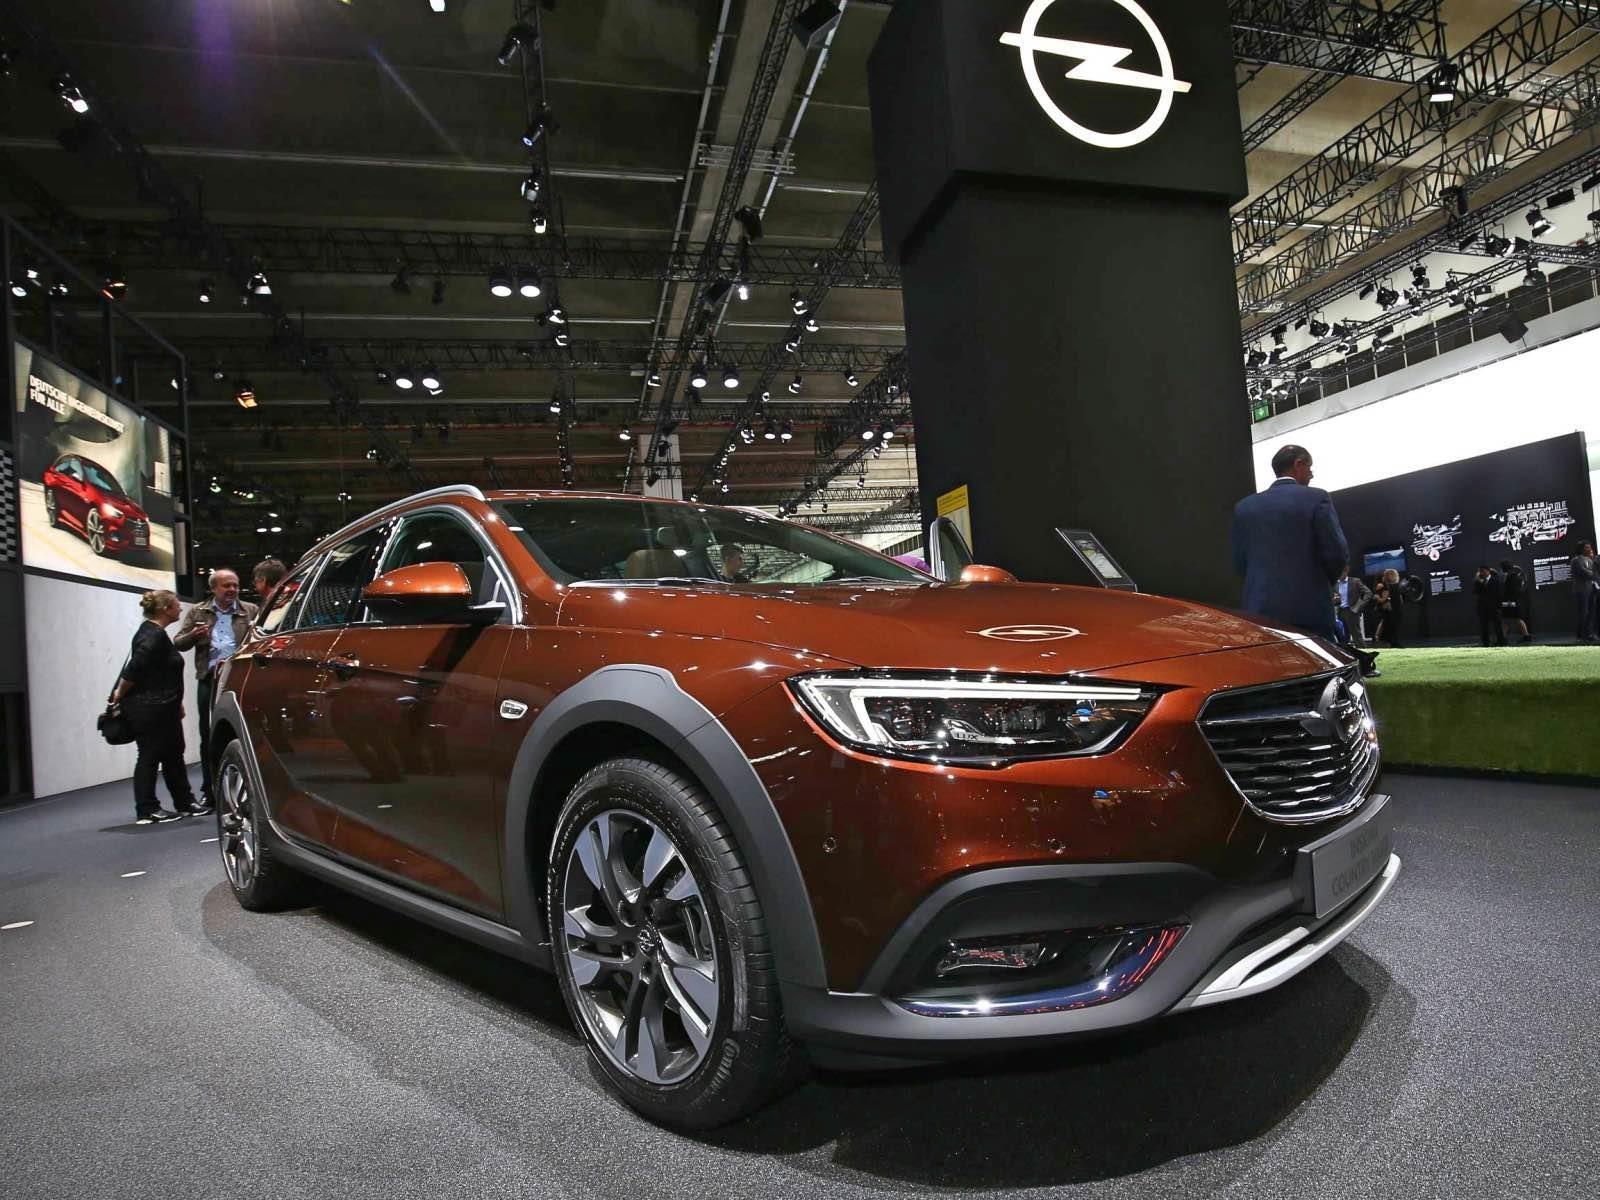 Opel Insignia Country Tourer una station wagon para recorrer el mundo